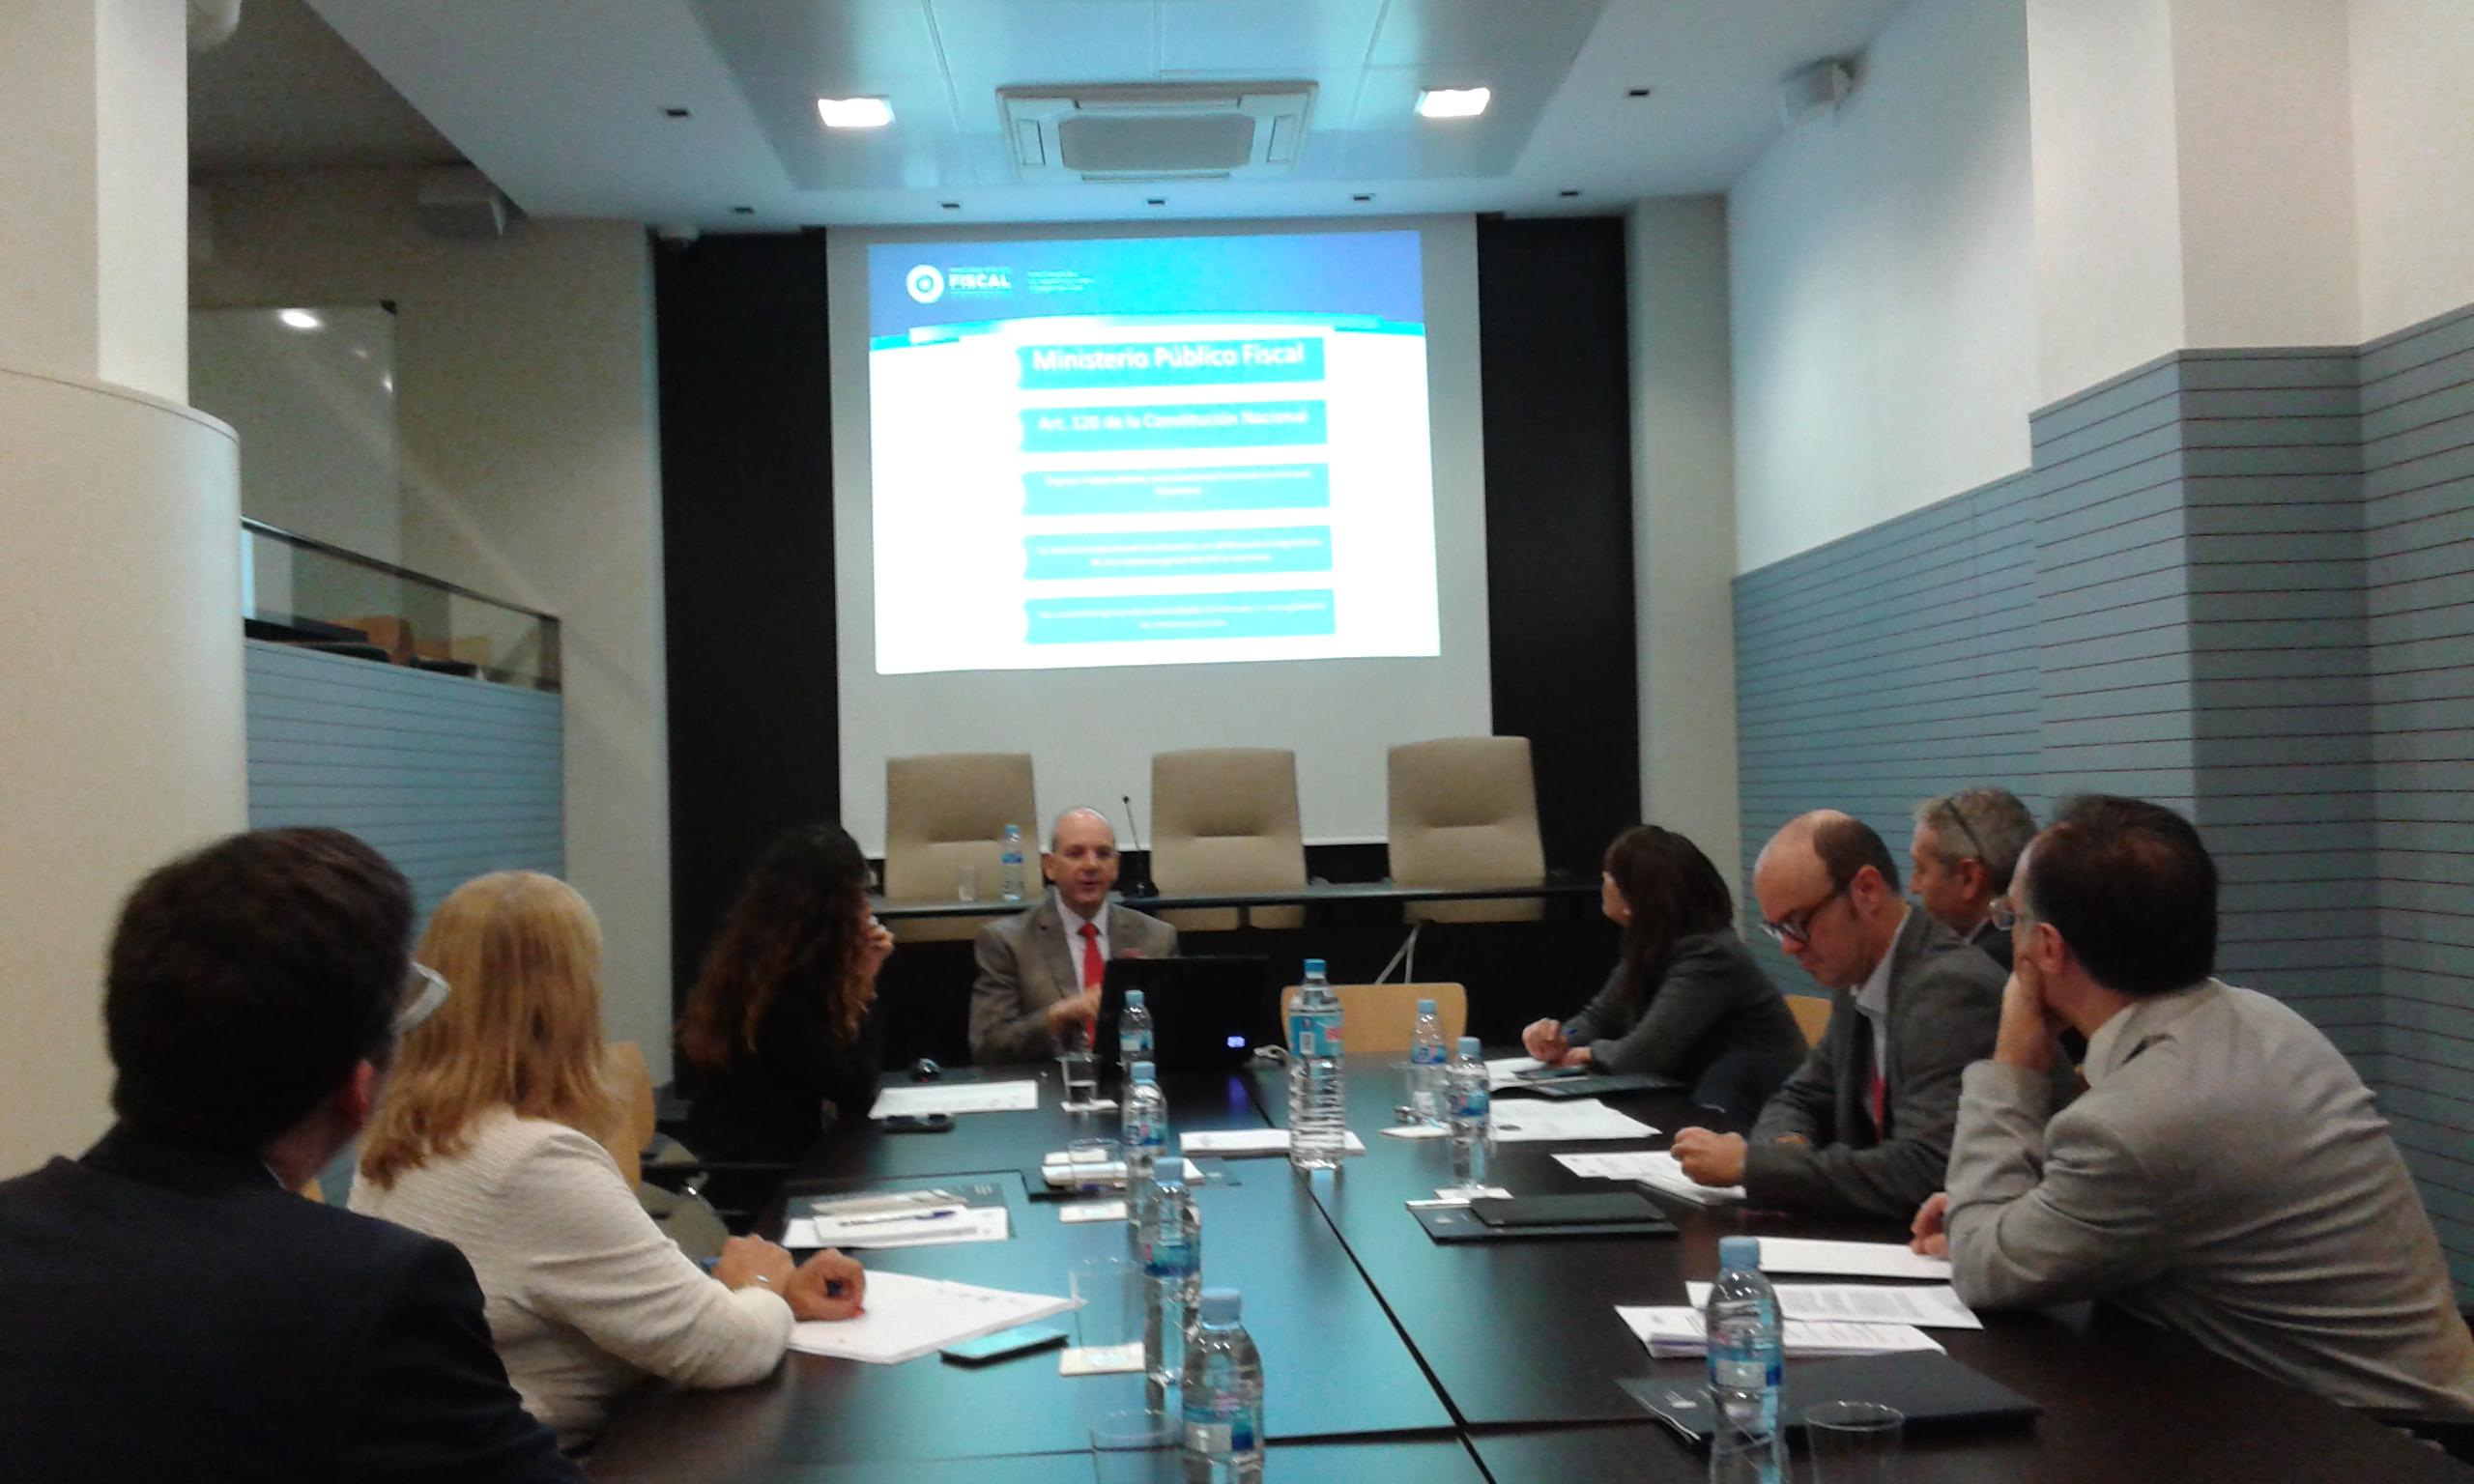 Se suscribi un importante convenio de asistencia y for Convenio oficinas madrid